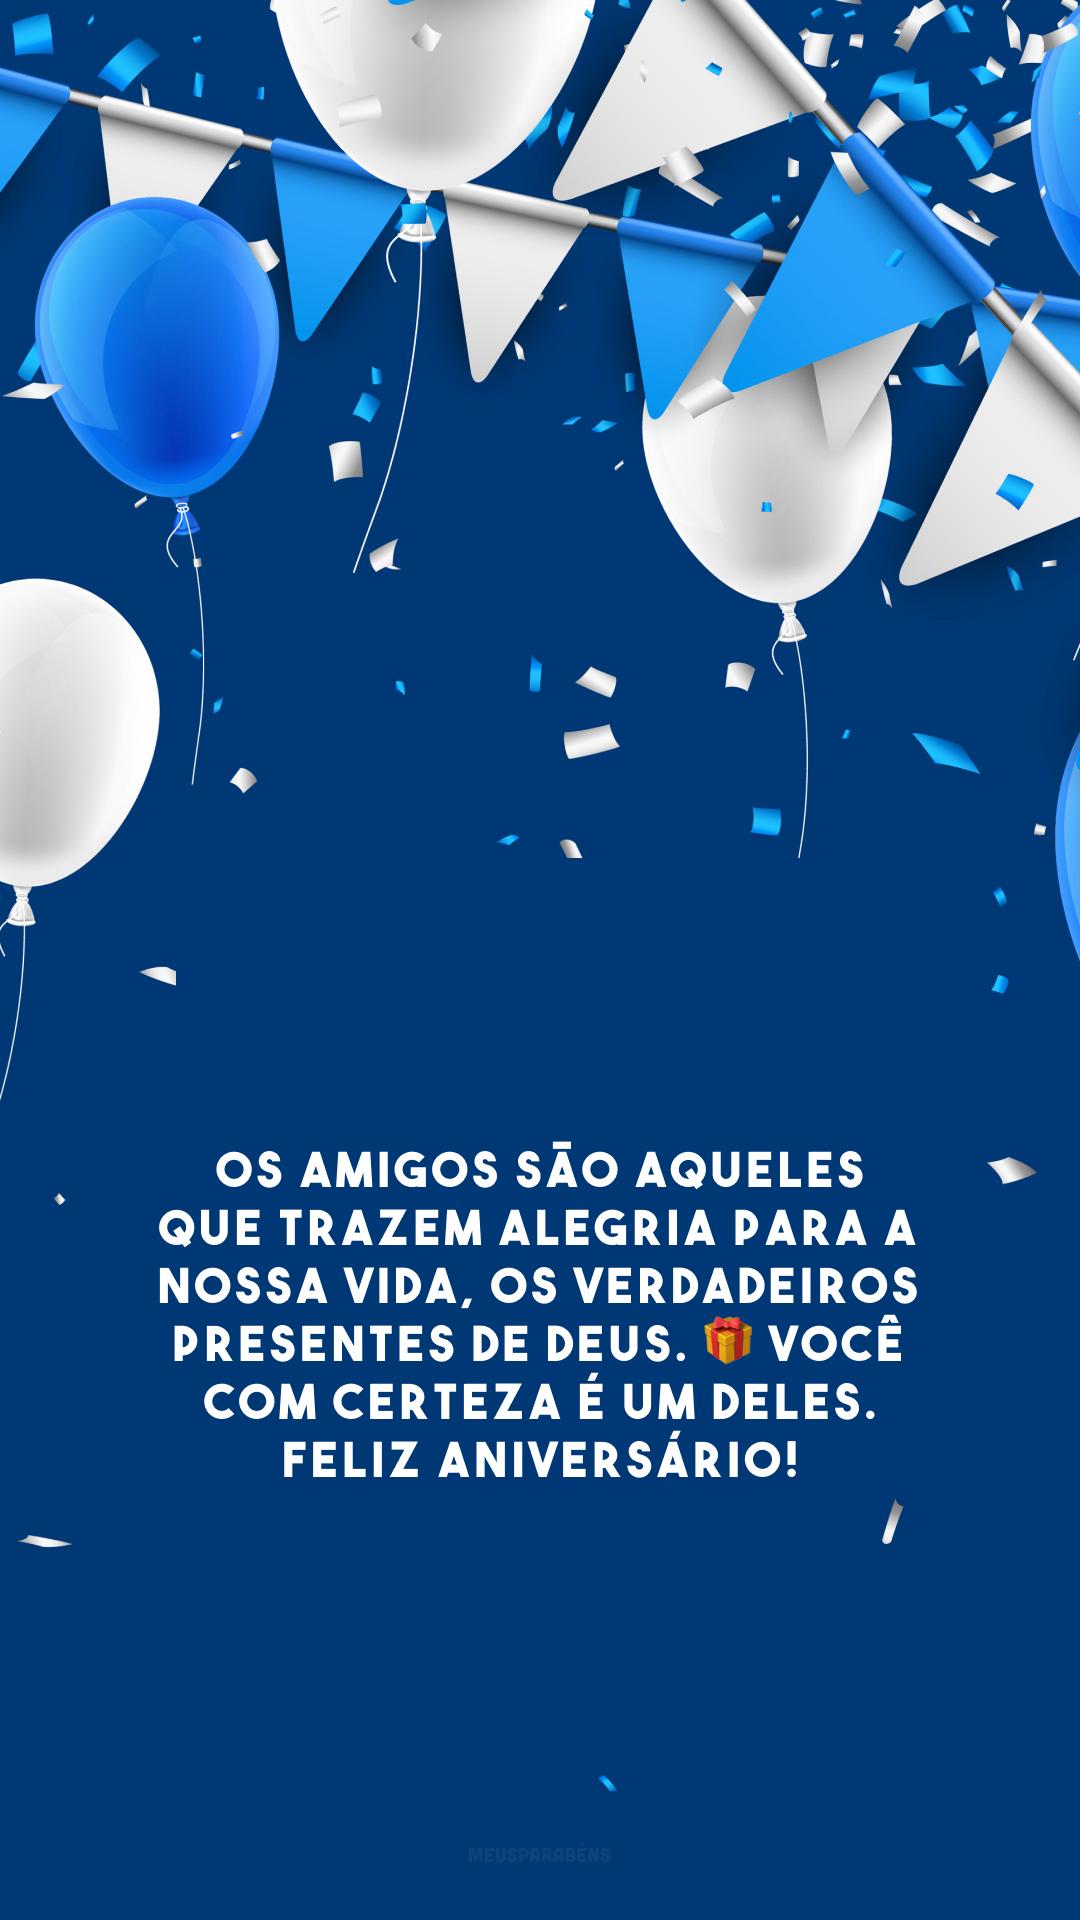 Os amigos são aqueles que trazem alegria para a nossa vida, os verdadeiros presentes de Deus. 🎁 Você com certeza é um deles. Feliz aniversário!